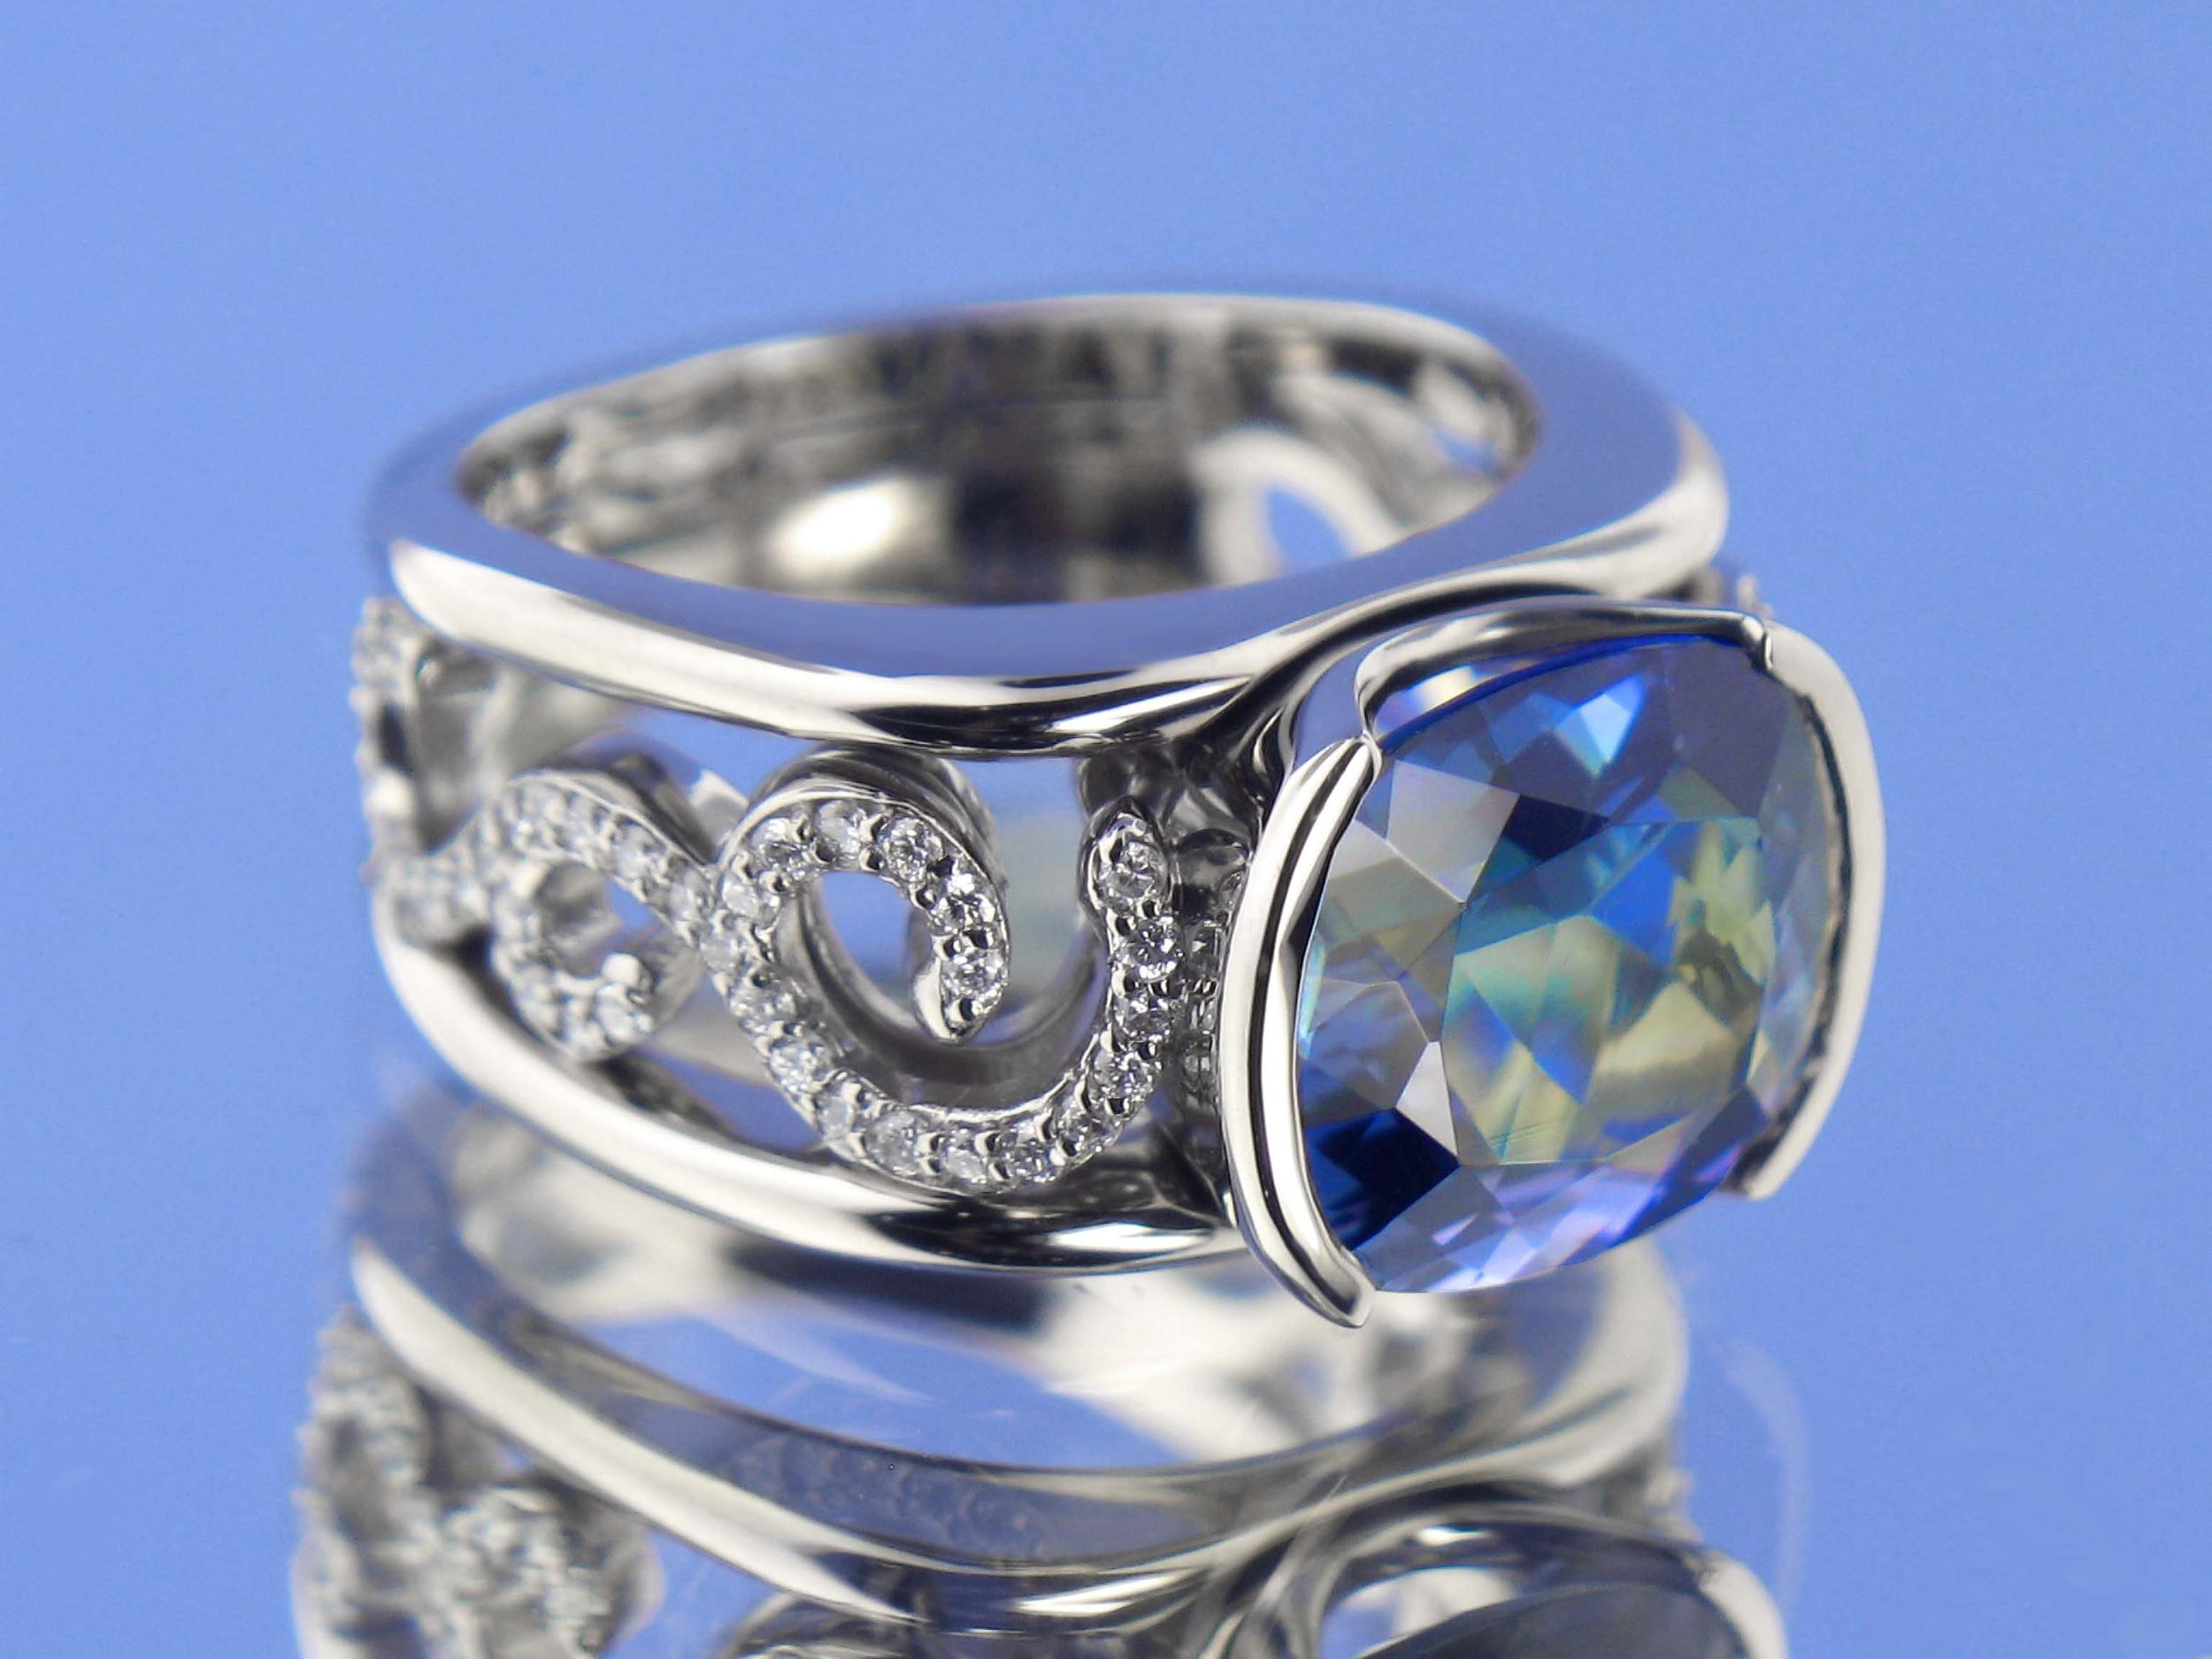 Custom White Gold Swirled Pave Diamond Ring